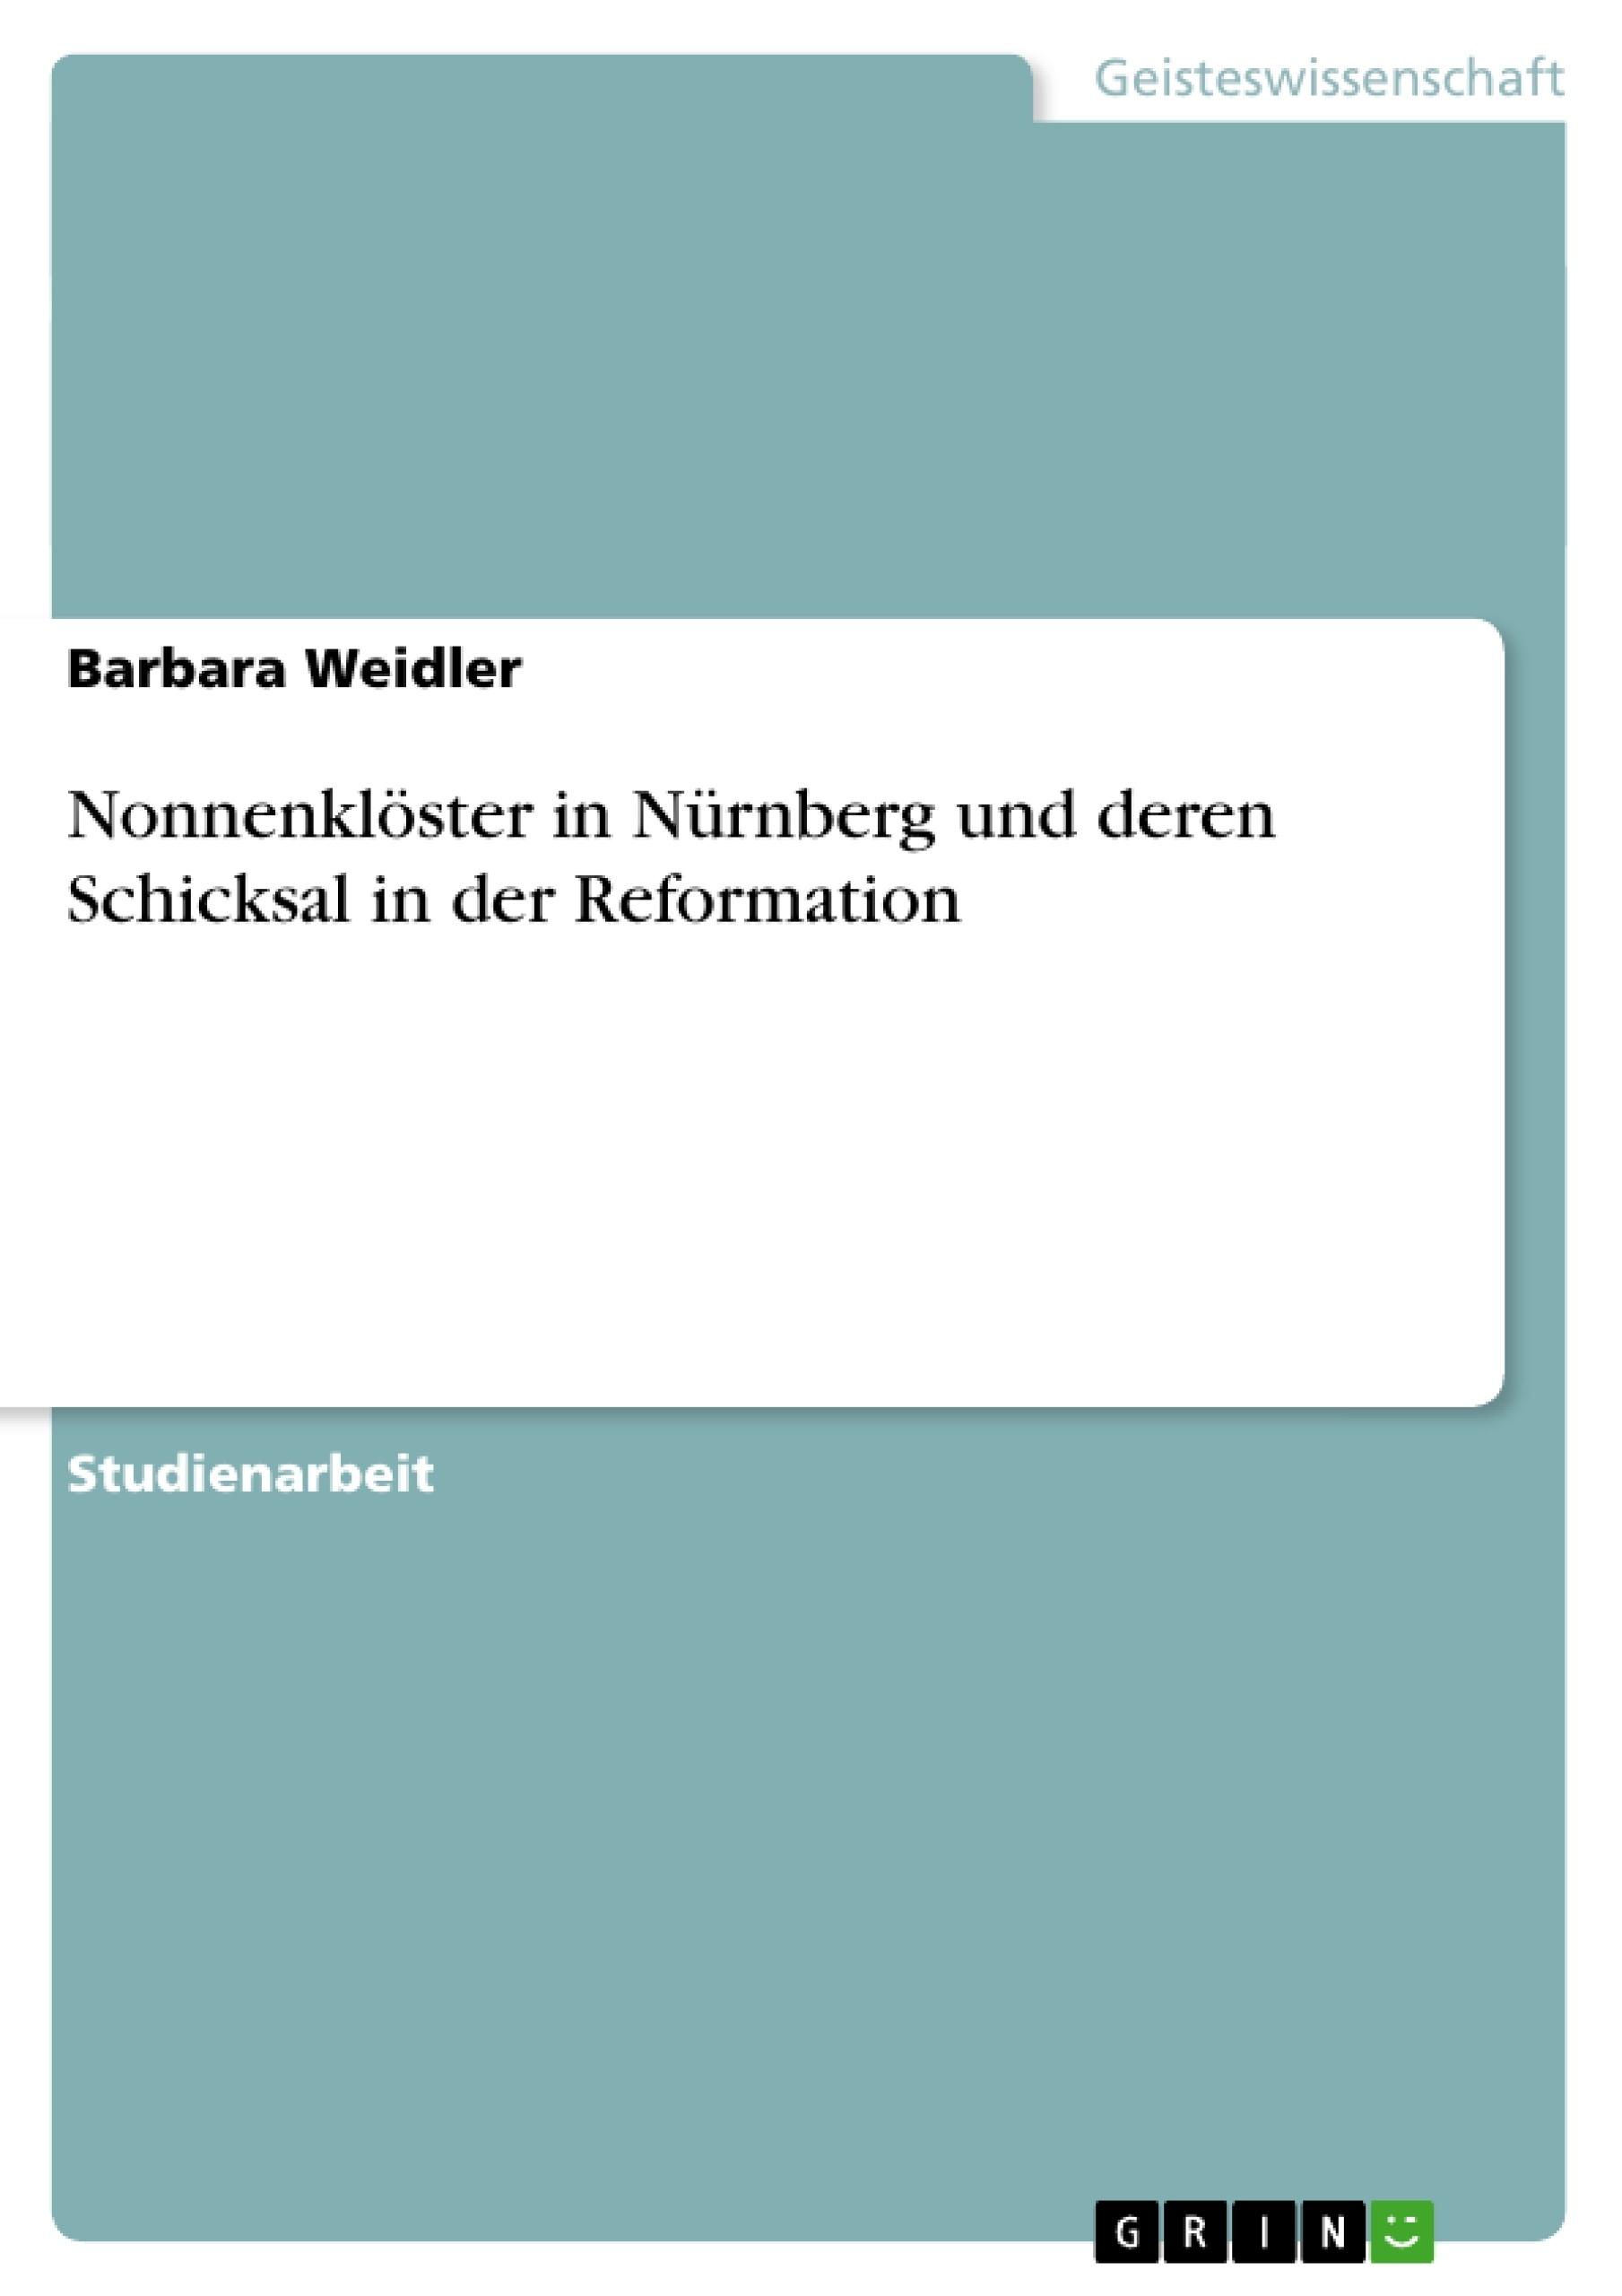 Titel: Nonnenklöster in Nürnberg und deren Schicksal in der Reformation